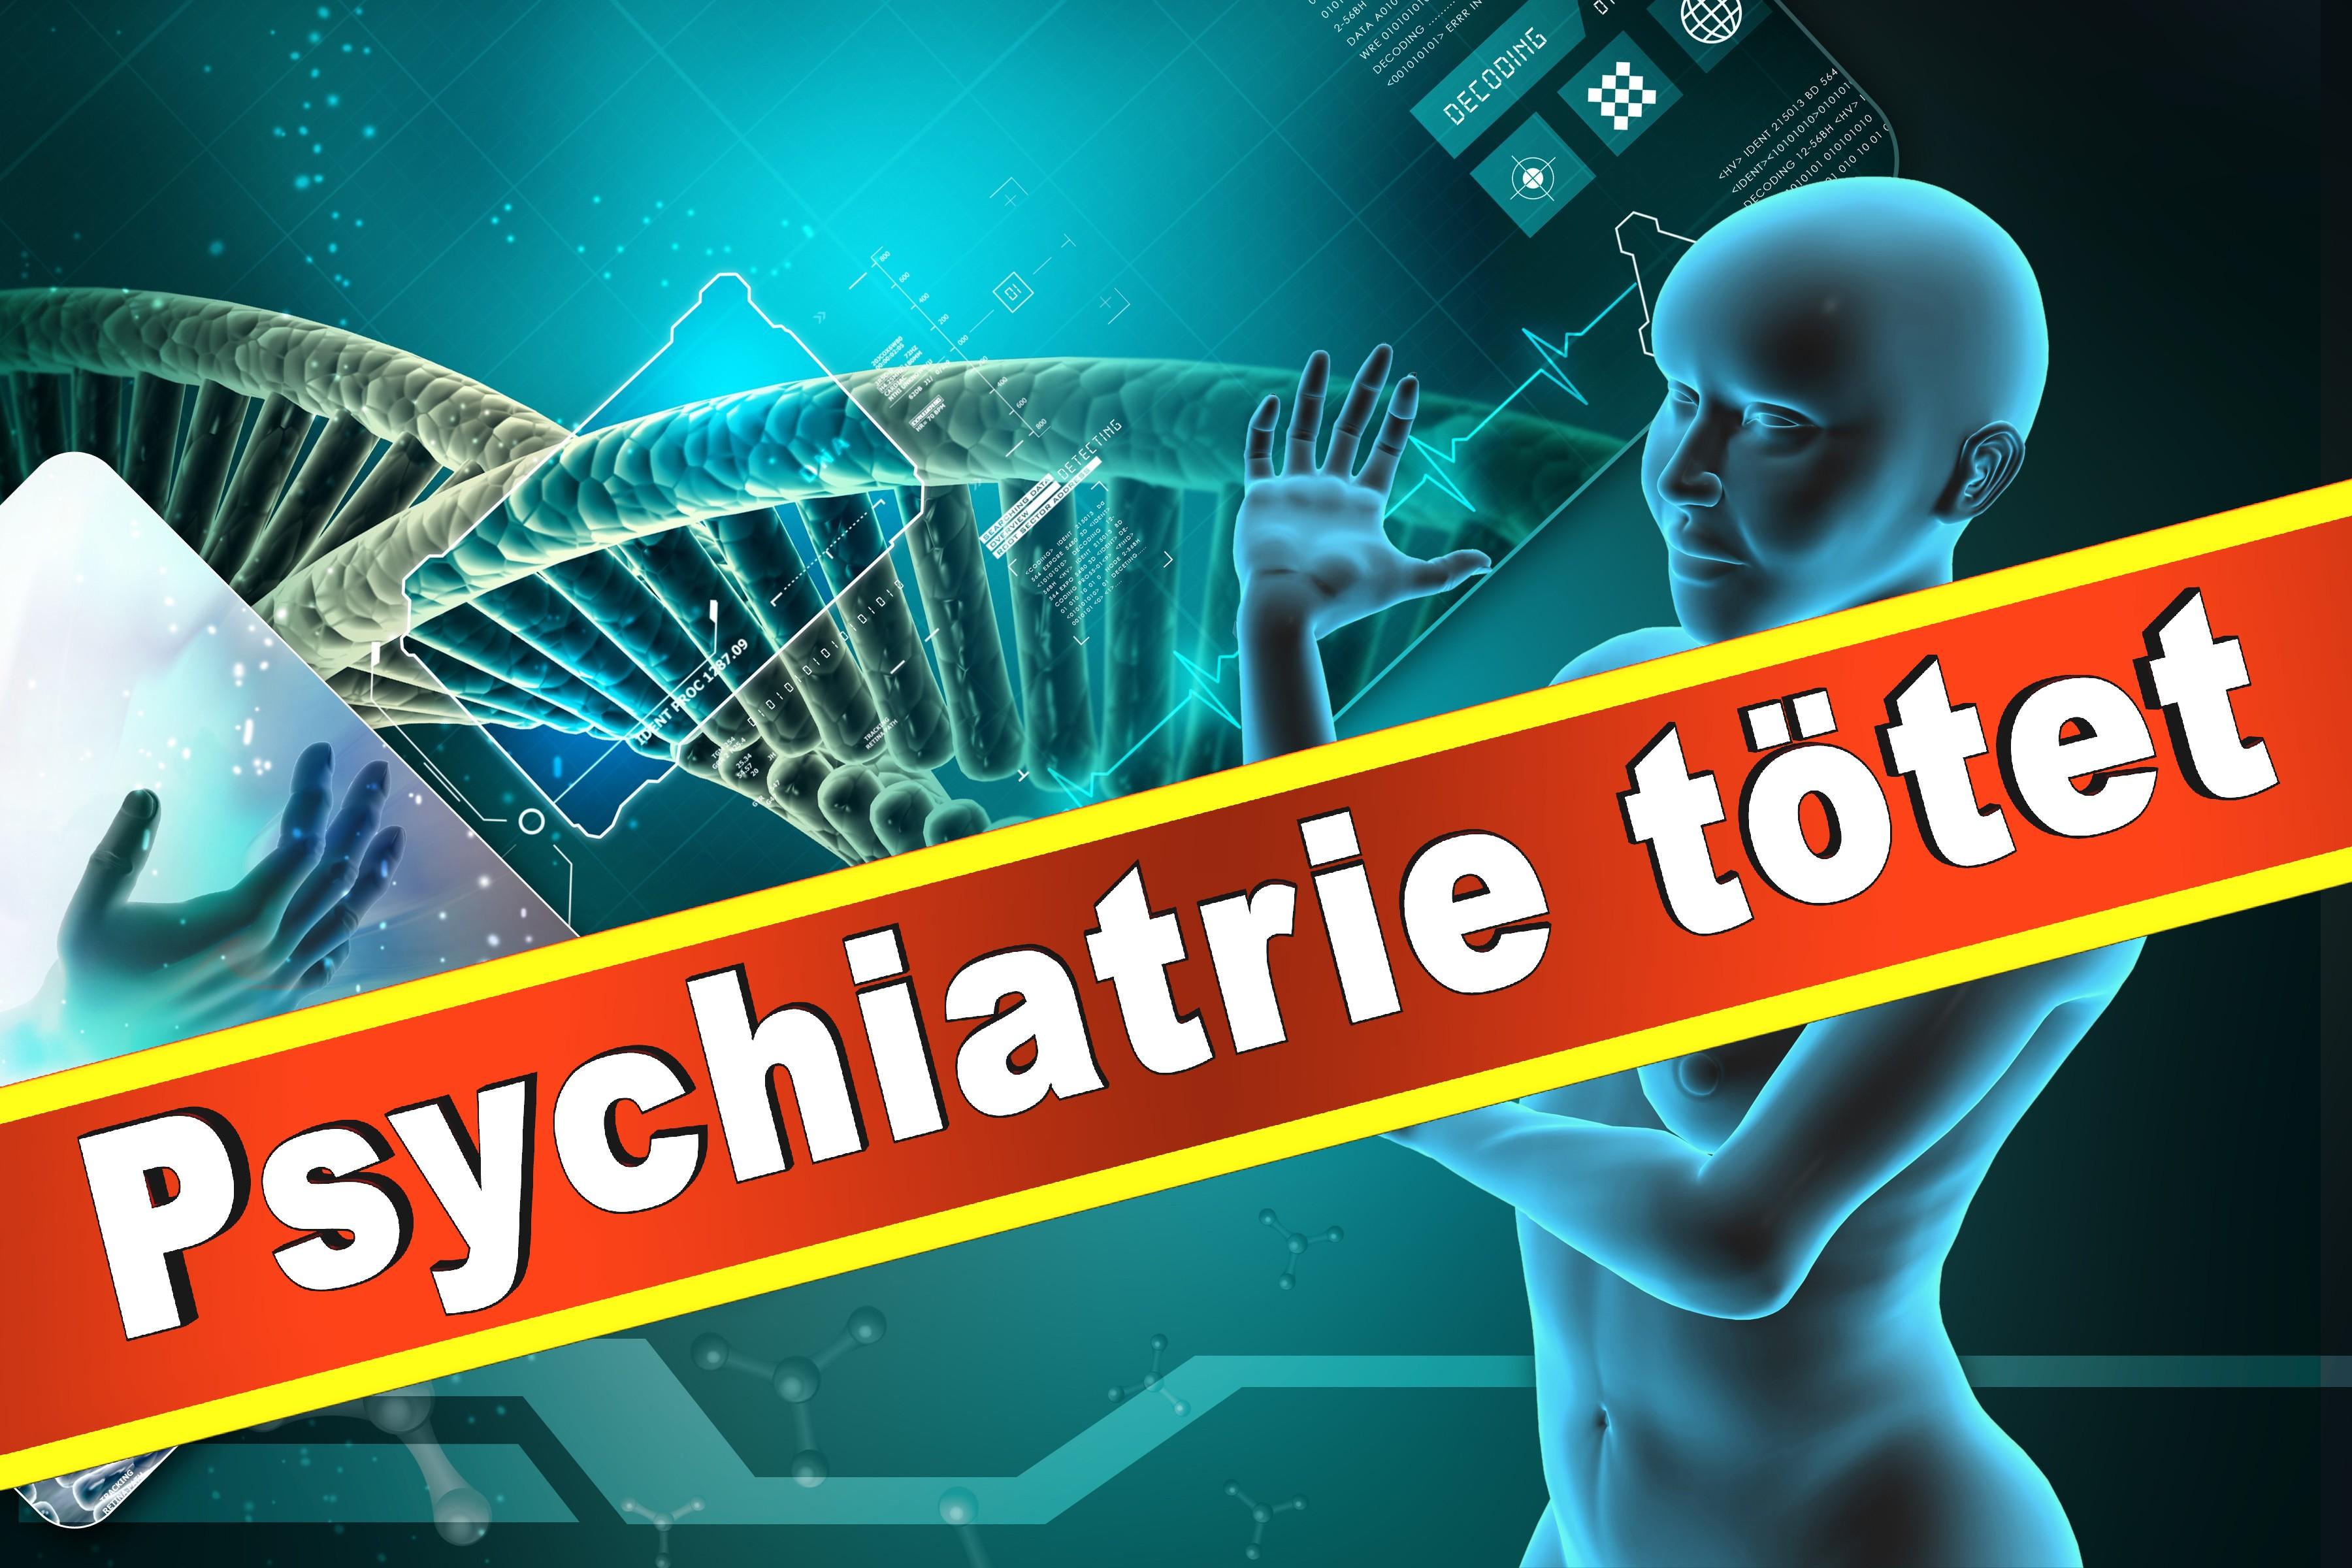 Wielant Machleidt Psychiater Psychotherapeut Professor Praxis Der Interkulturellen Psychiatrie Und Psychotherapie Medizinische Hochschule Hannover Klinik Für Psychiatrie Sozialpsychiatrie (3)